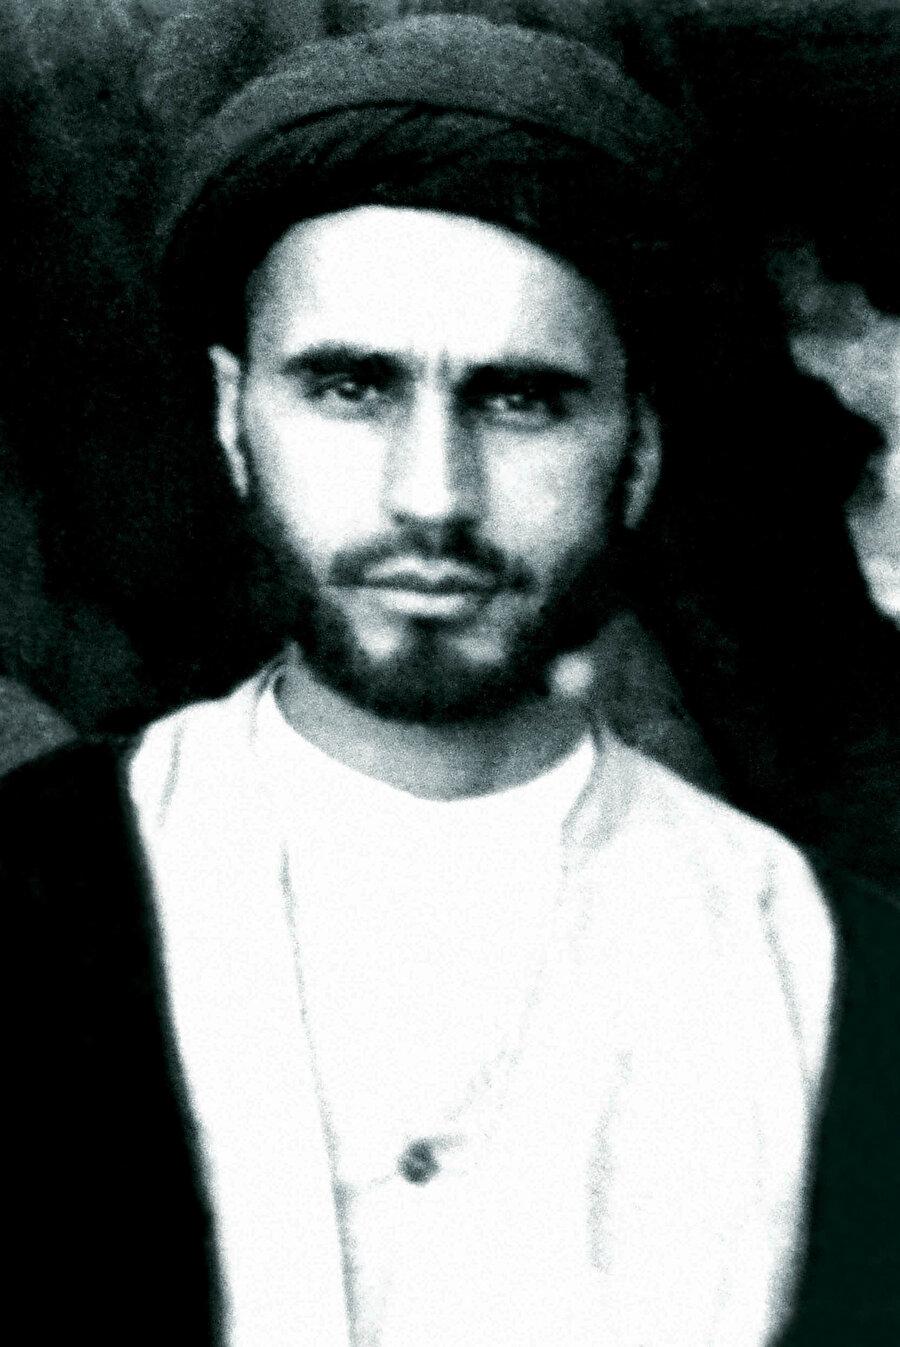 Humeynî'nin gençlik yıllarından bir fotoğraf.